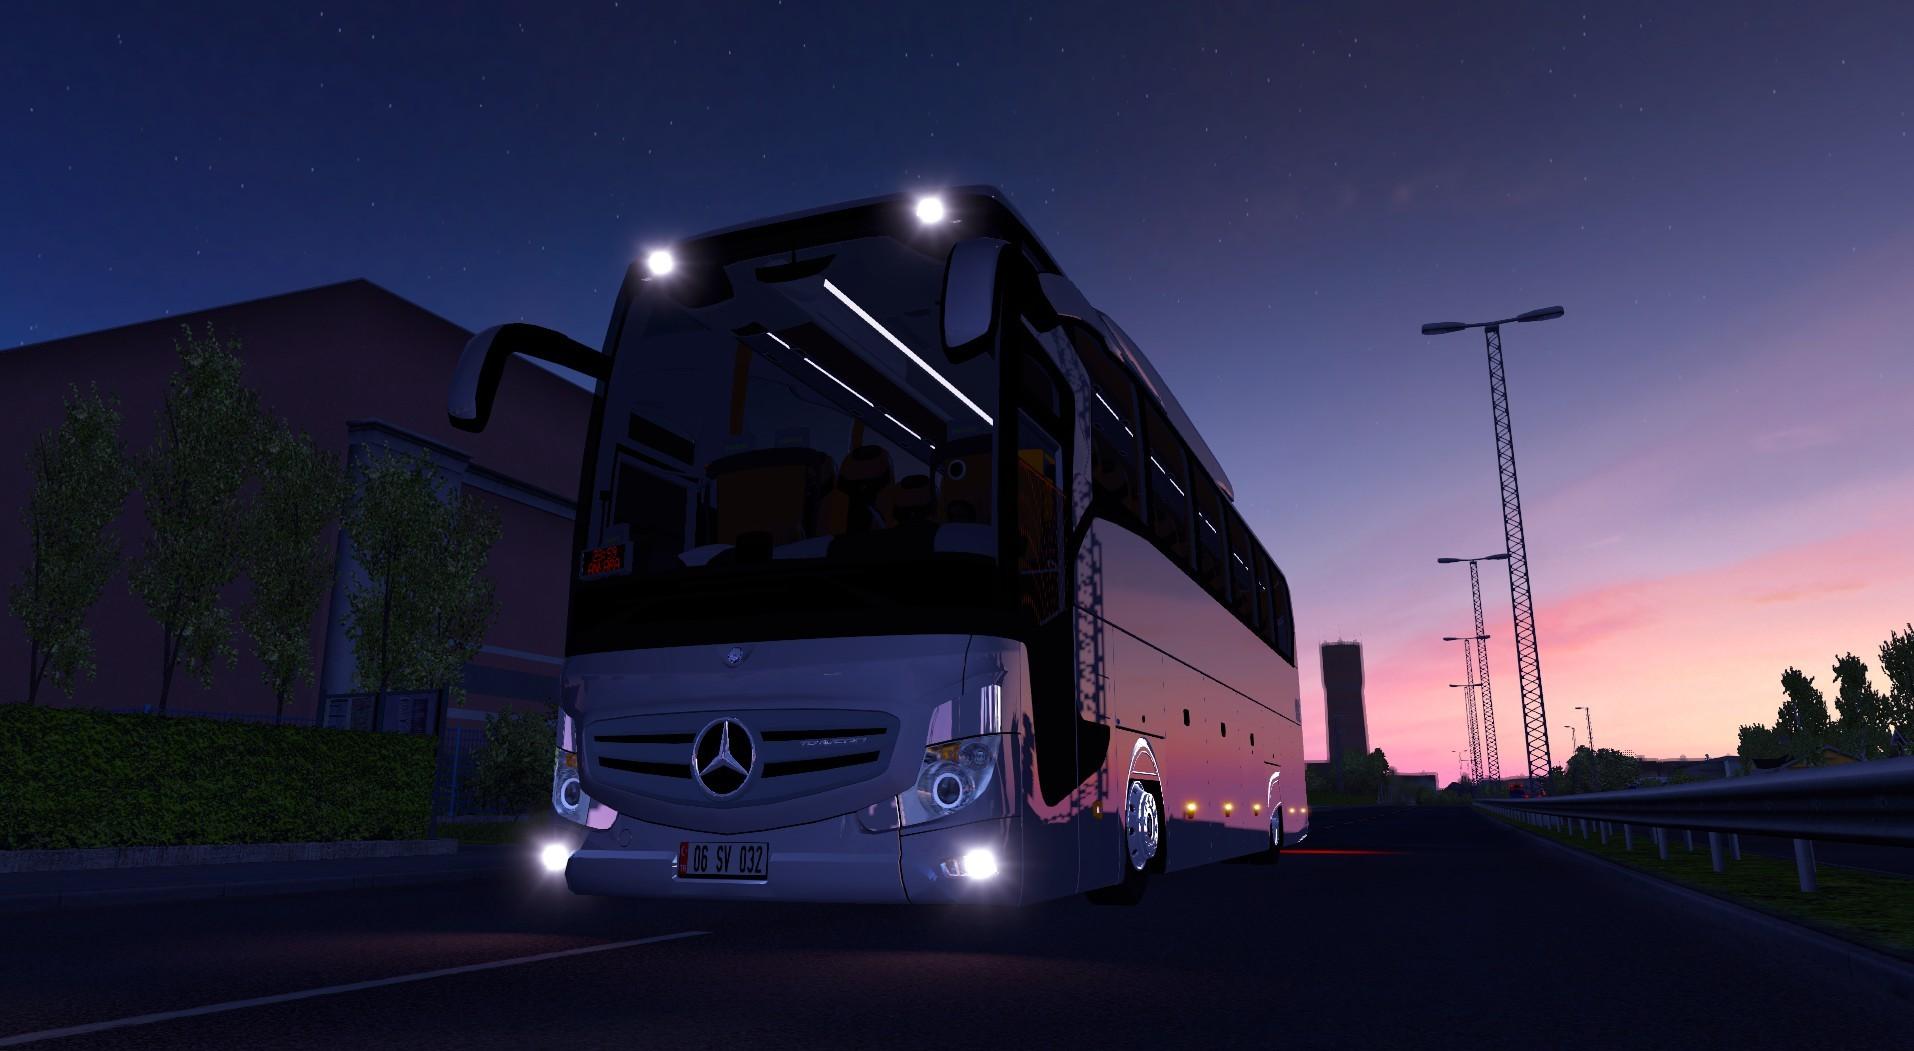 otobÜs - ets 2 mercedes-benz yeni travego 2016 v2 otobüsü